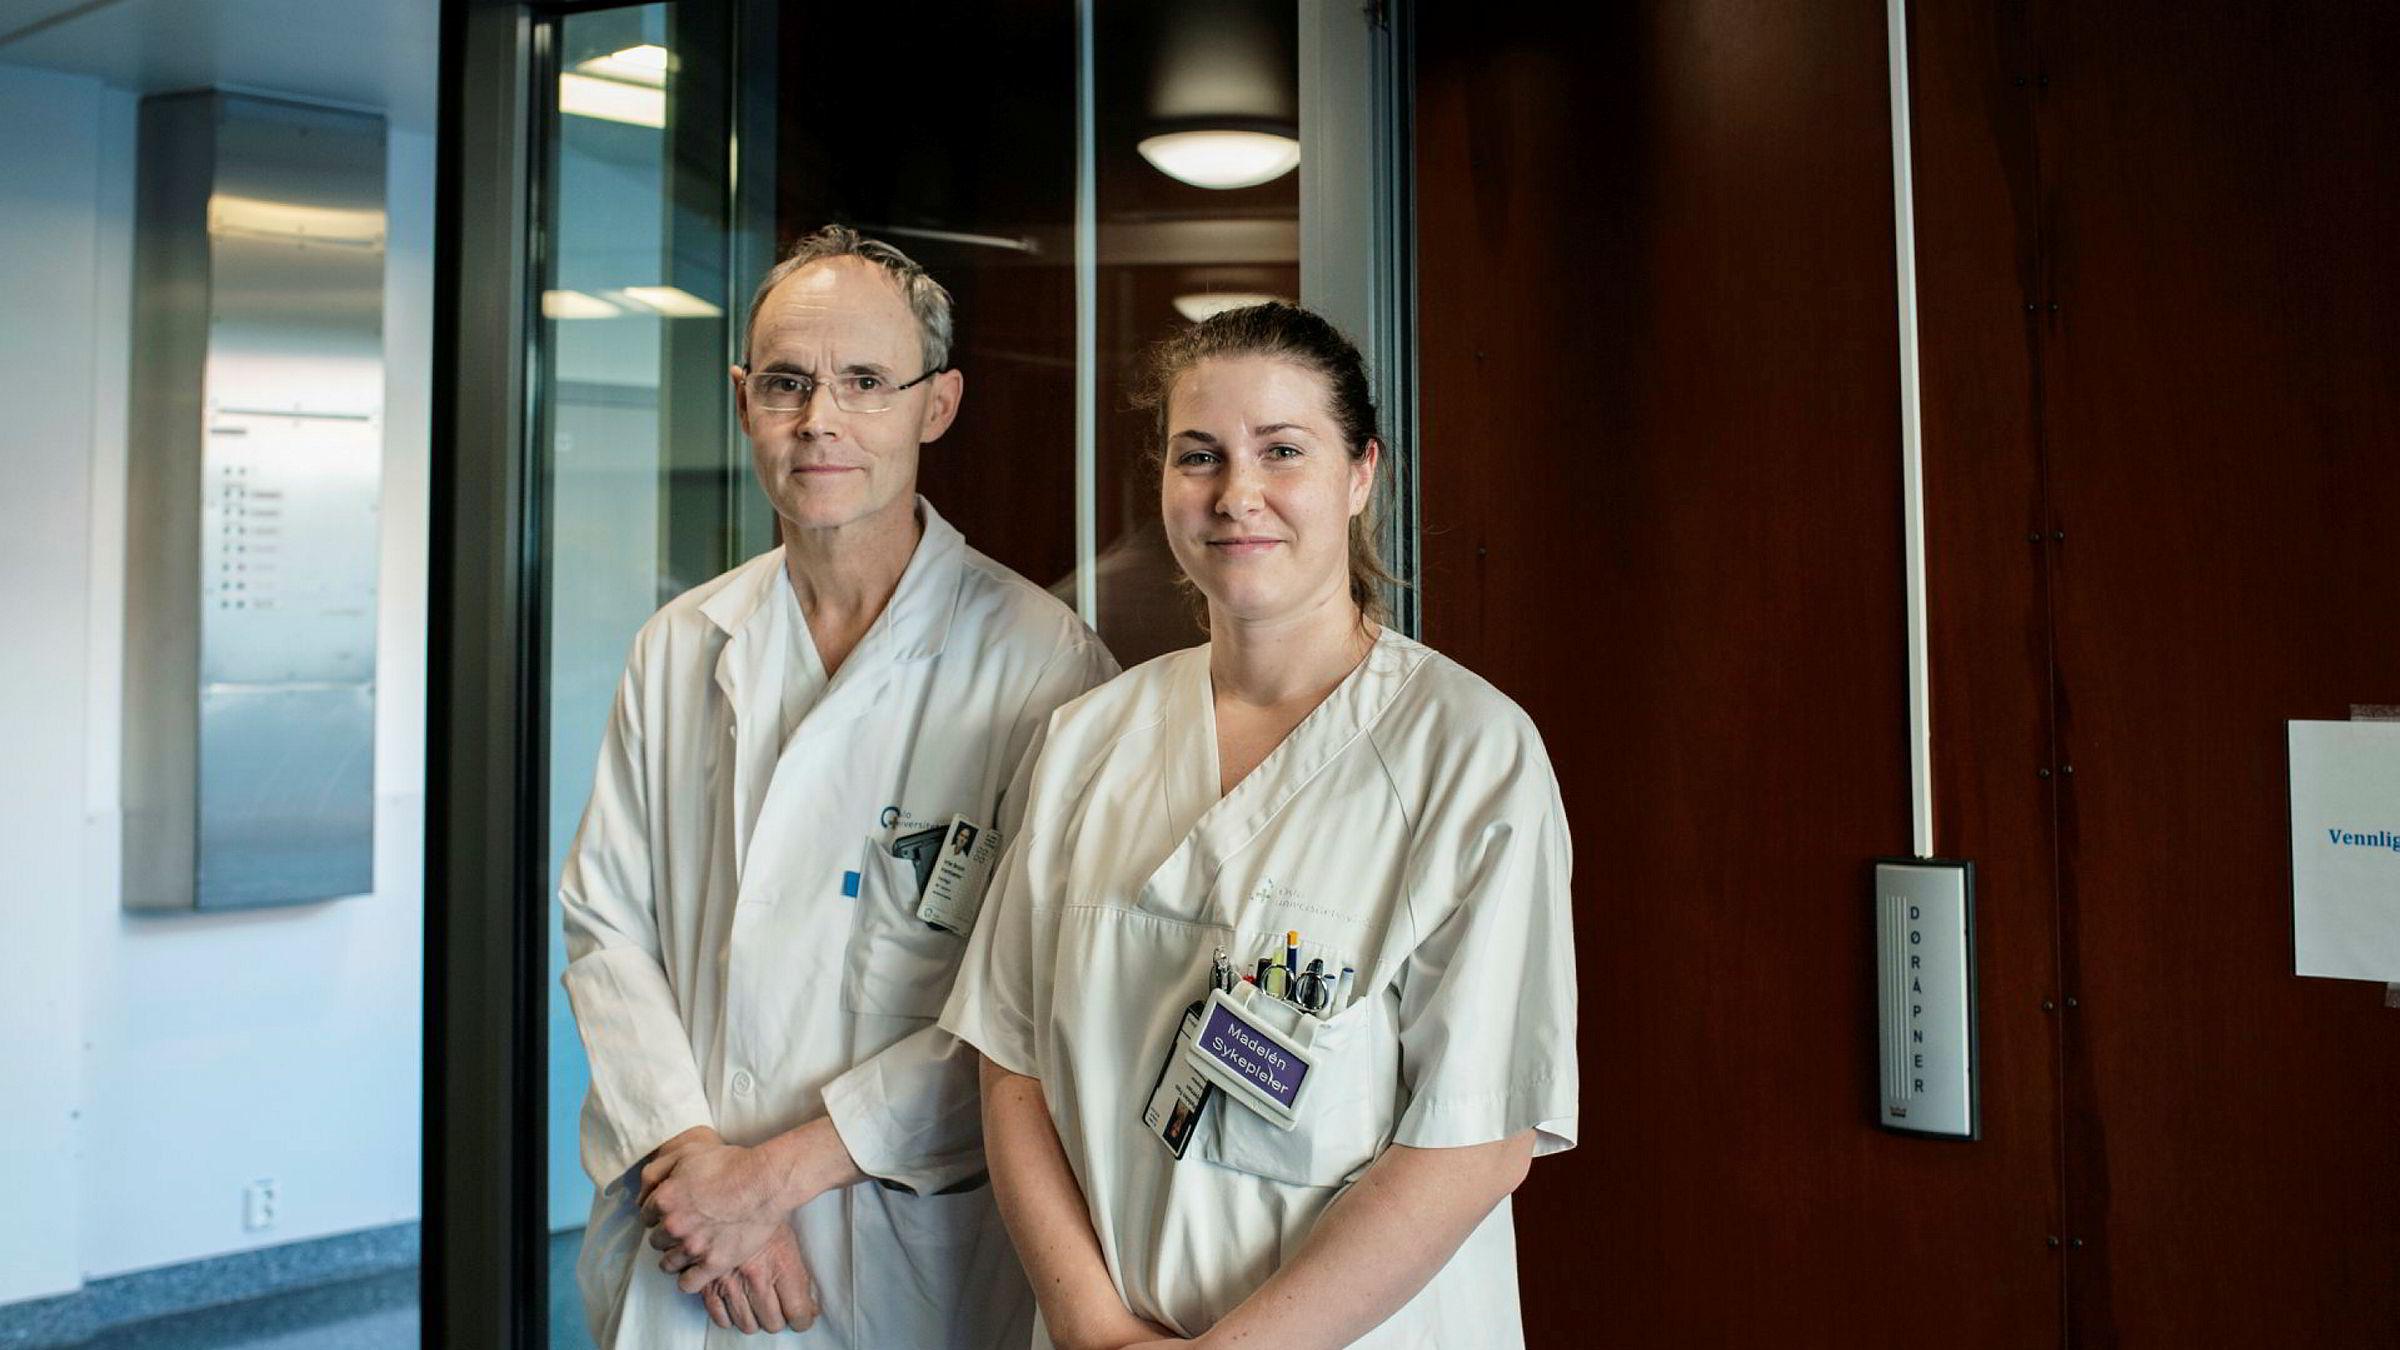 Madelén Foss Smedholen, beredskapssykepleier på isolatpost, og Arne Broch Brantsæter, overlege ved infeksjonsmedisinsk avdeling jobber hver dag med forberedelser på et mulig virusutbrudd i Norge.